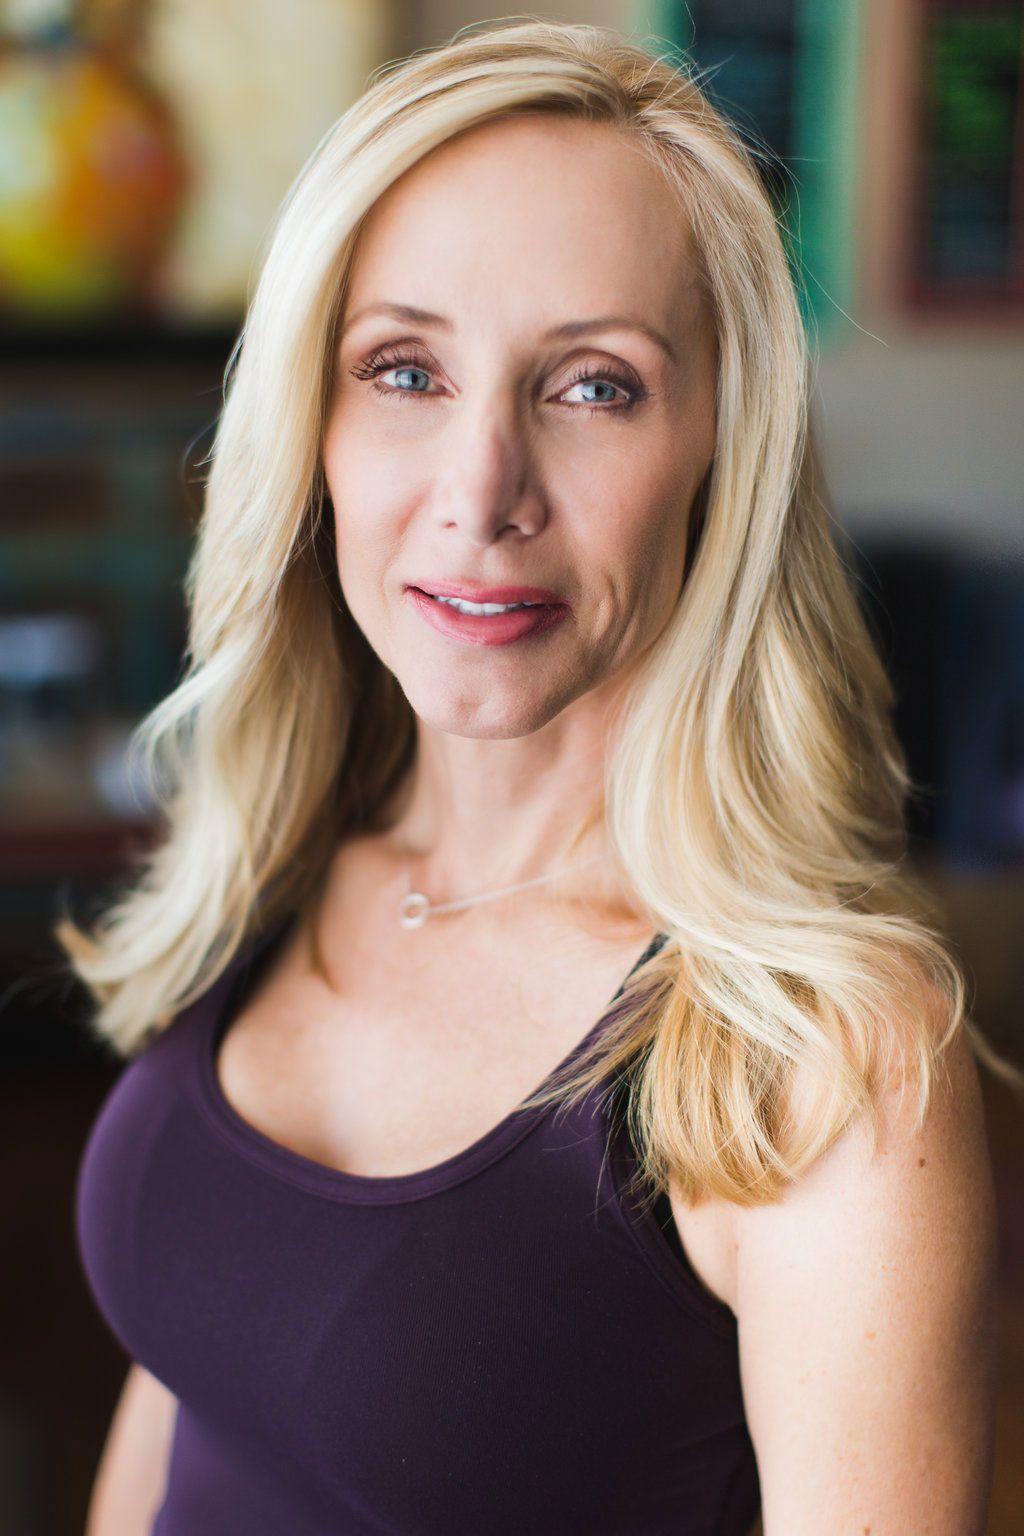 Heather Anton